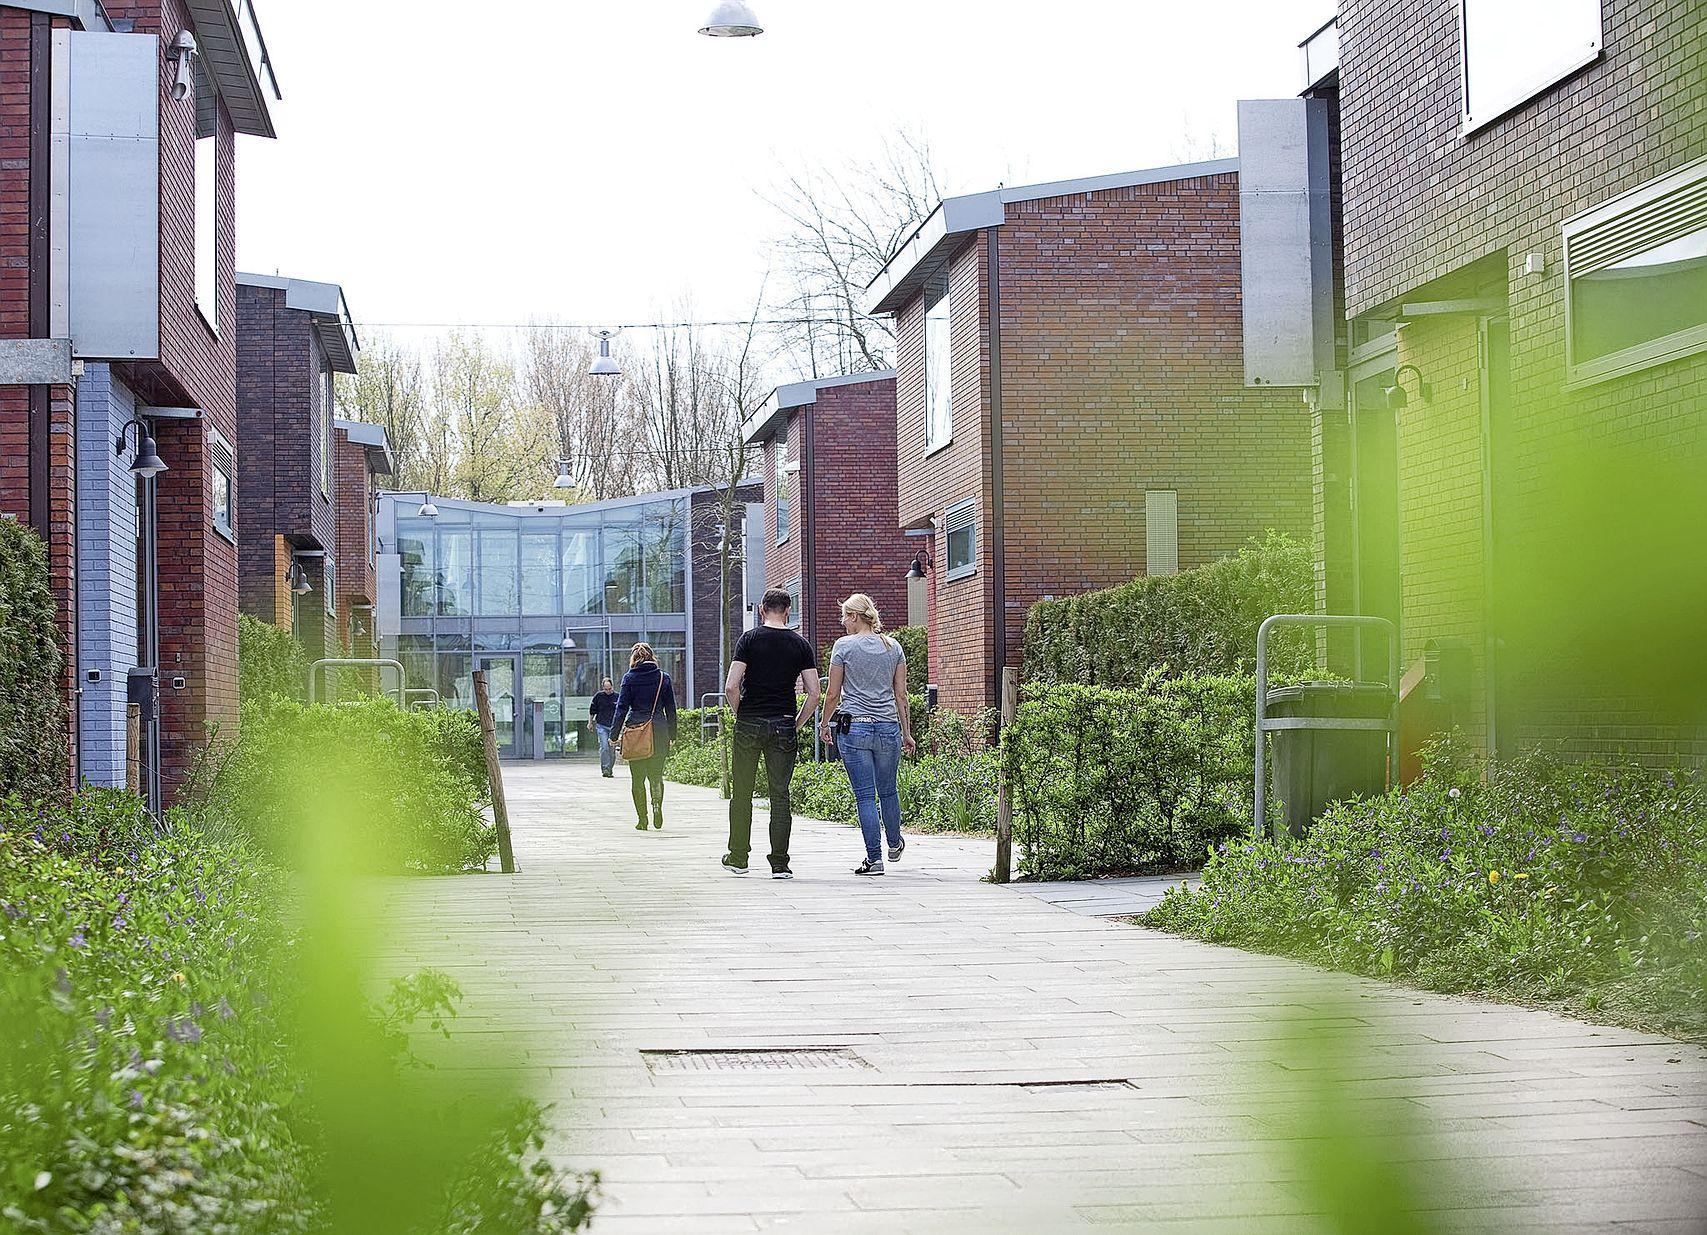 Toekomstige eigenaar verwacht 80 tot 100 appartementen kwijt te kunnen in het Transferium in Heerhugowaard. Ook wordt gedacht aan zorghotel